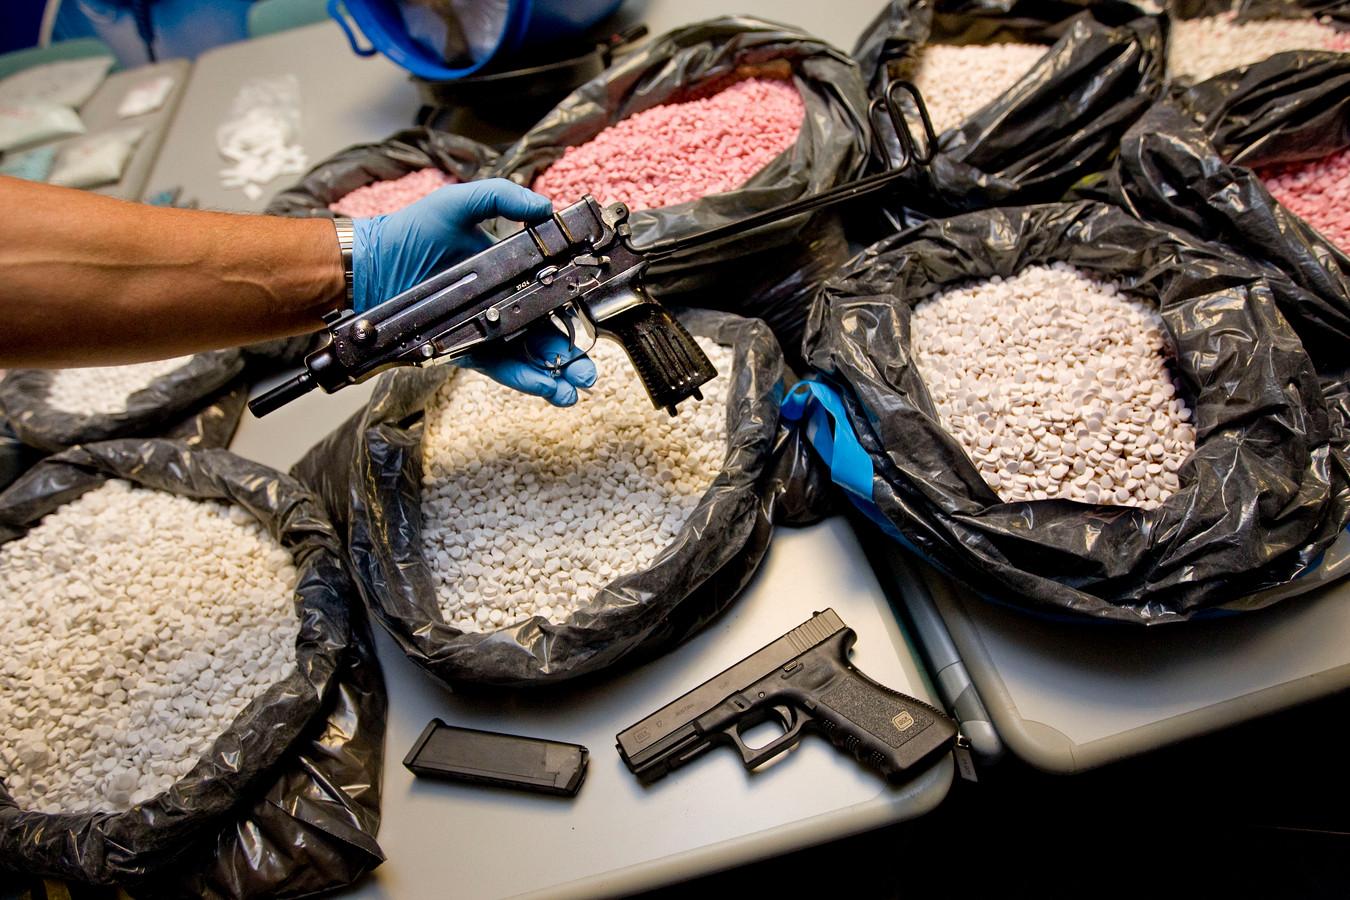 Foto ter illustratie. Wouter J. werd in maart van dit jaar betrapt in Zwolle met drugs en een wapen, nadat de politie een jaar eerder in zijn woning in Wijhe een grote voorraad had ontdekt.